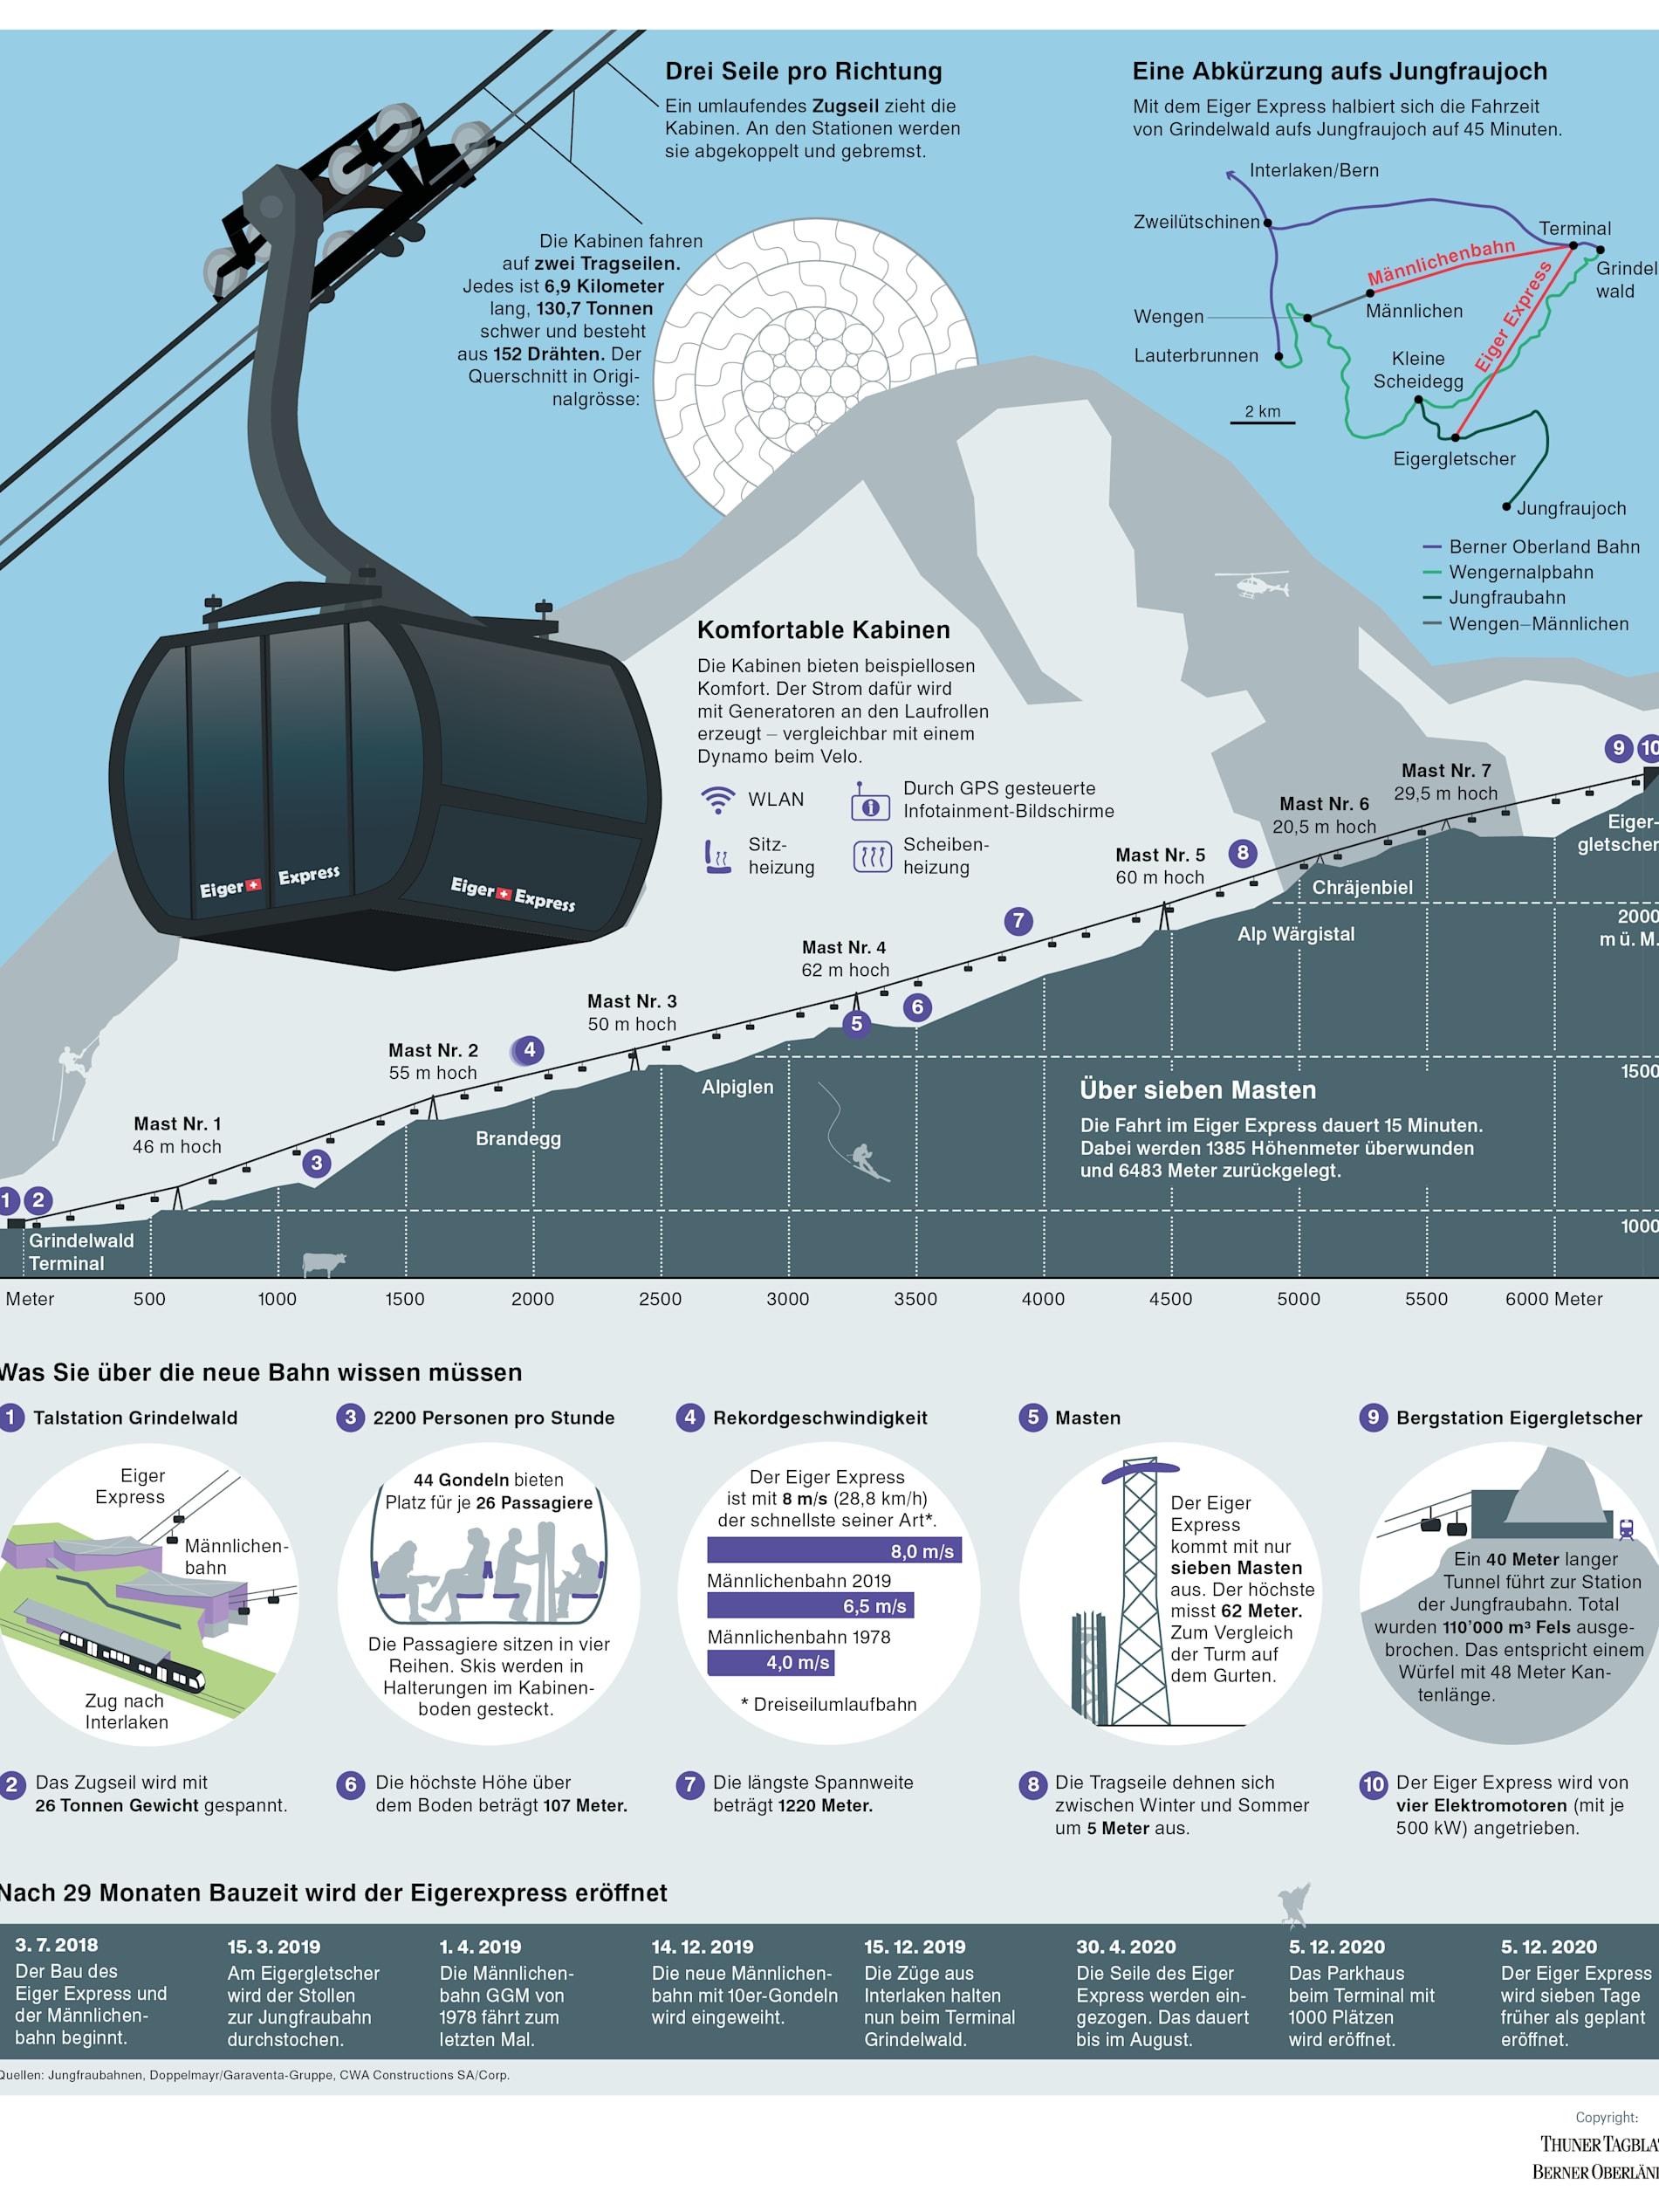 Grafik Eiger Express